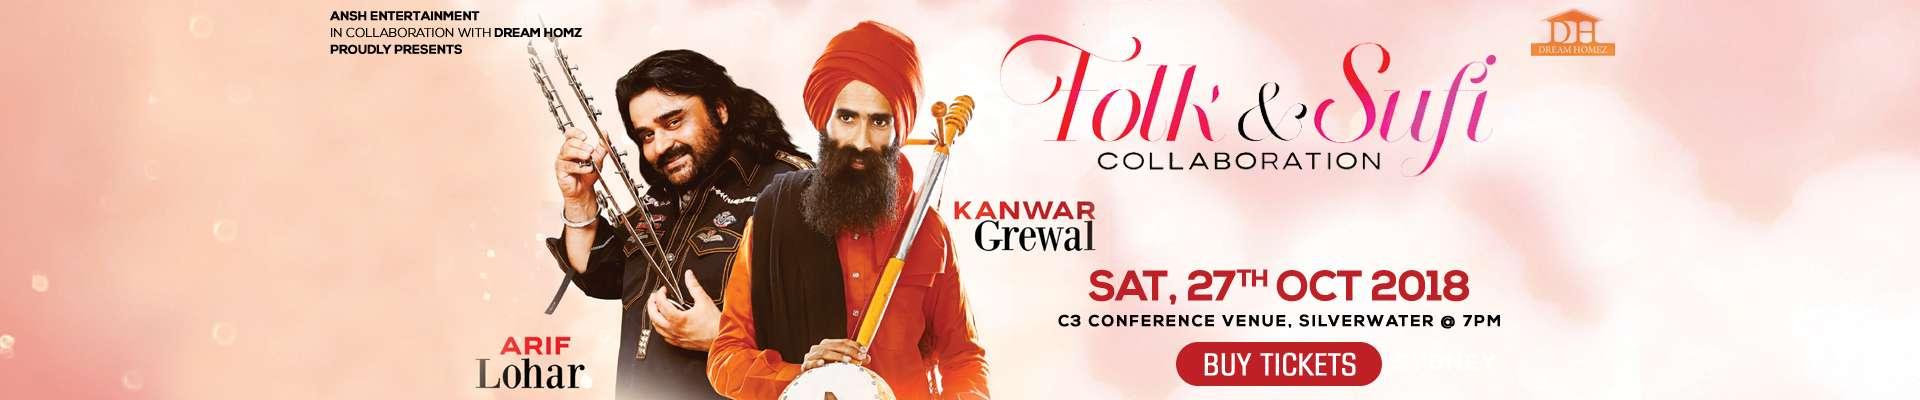 Folk & Sufi Collaboration Arif Lohar & Kanwar Grewal In